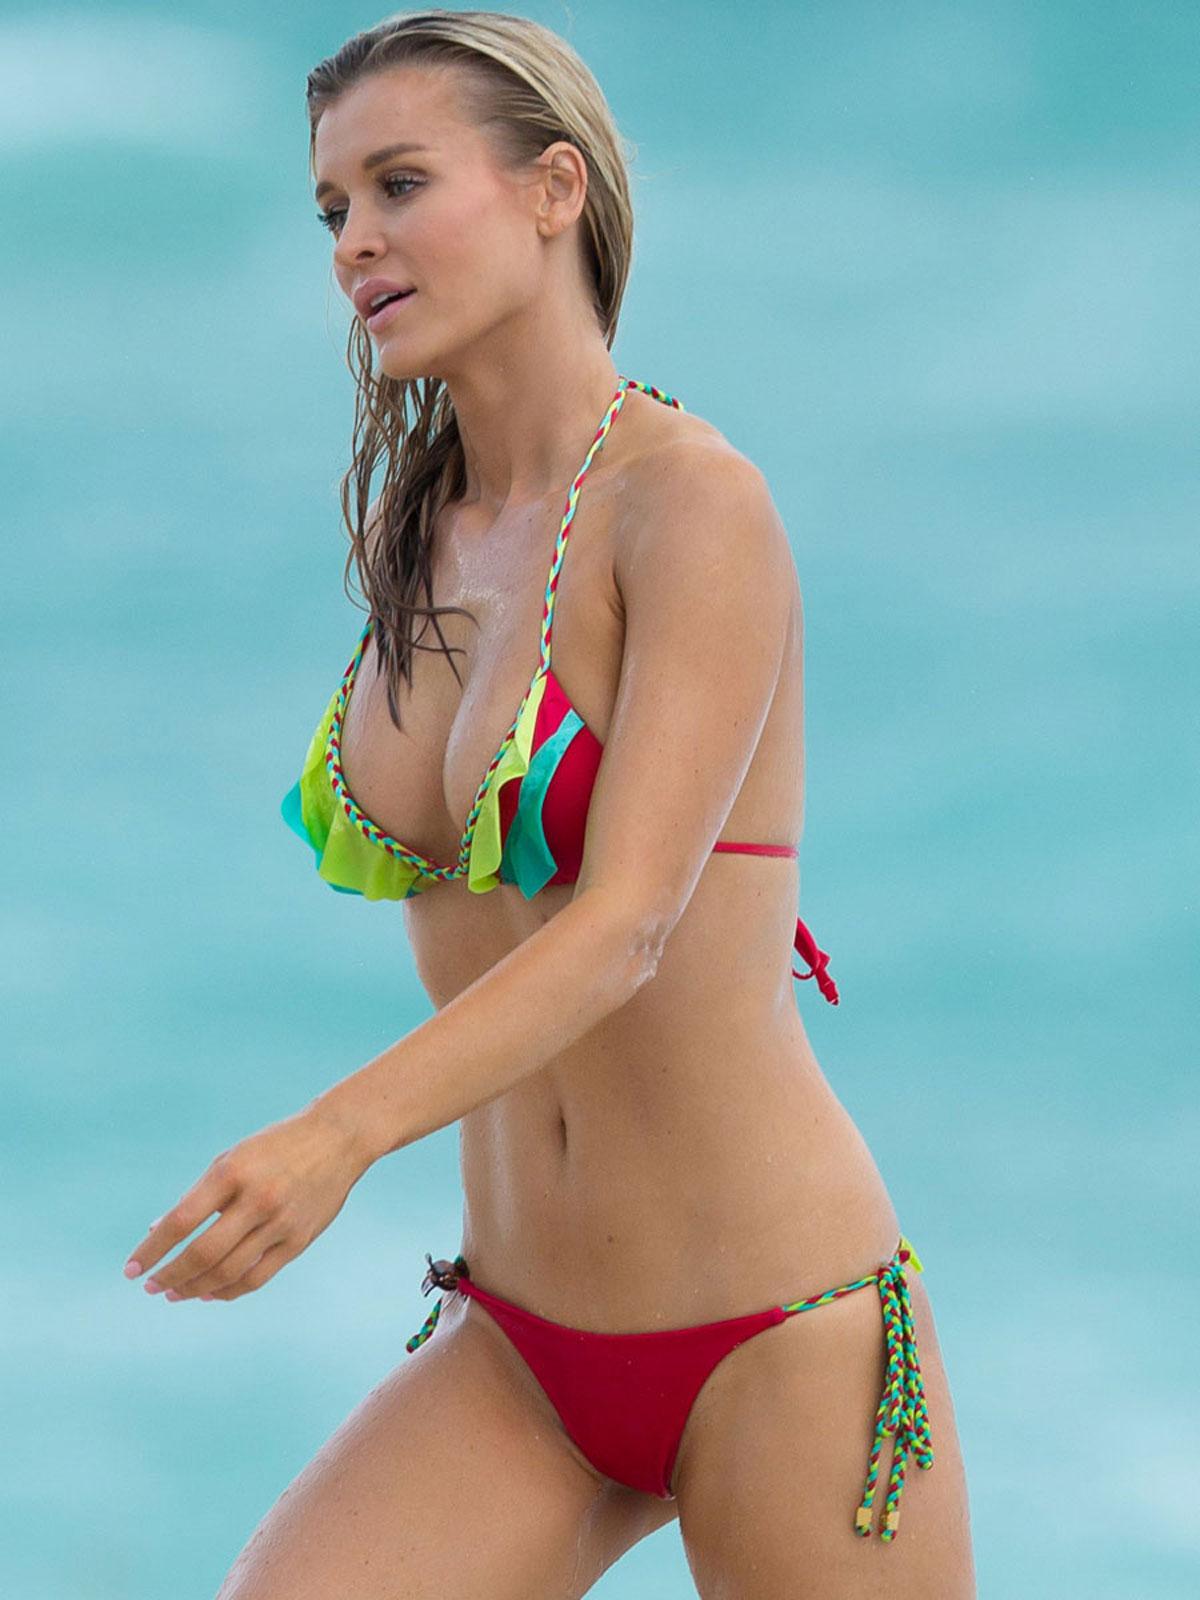 krupa bikini Joanna